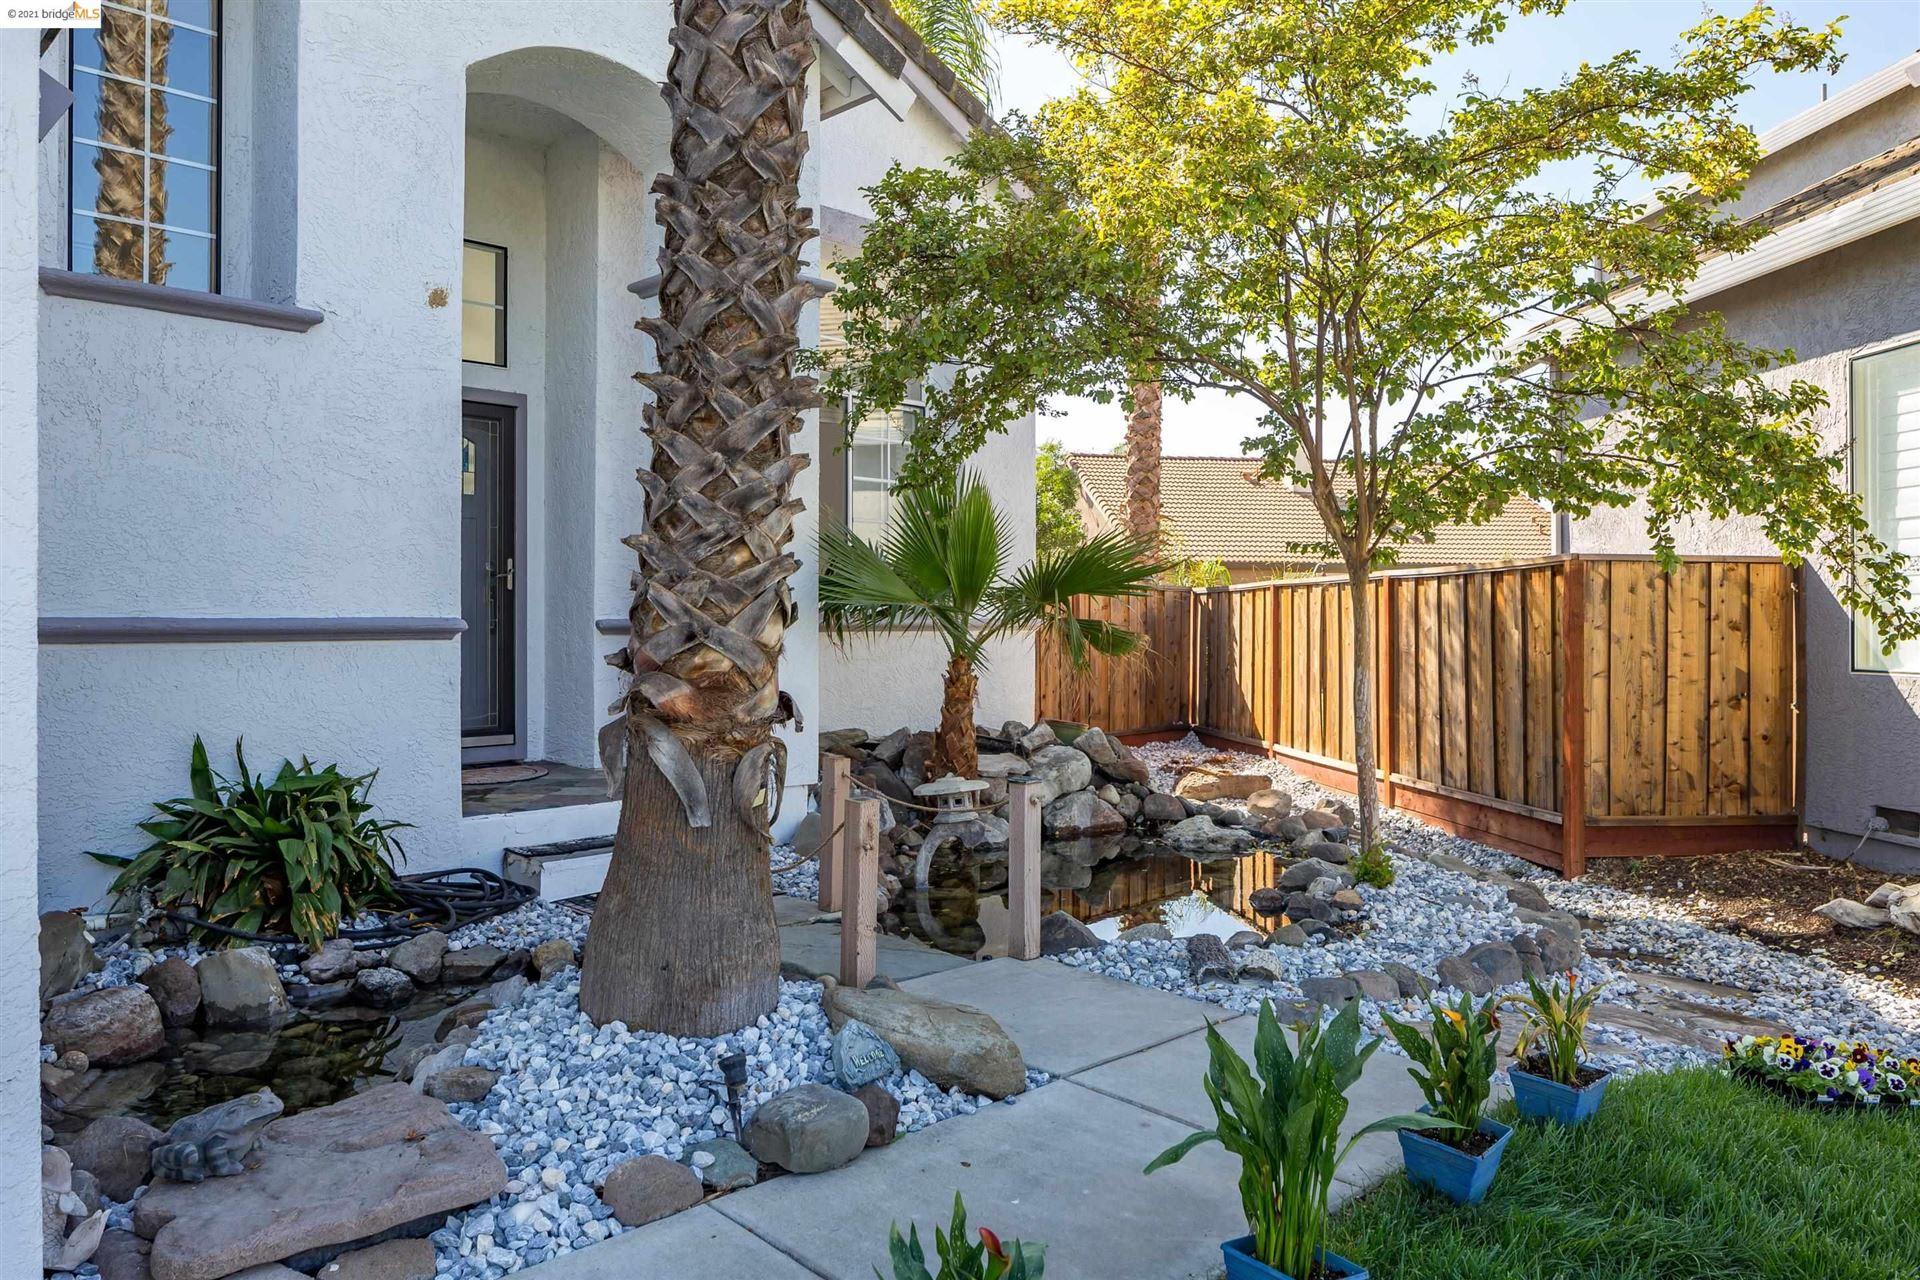 Photo of 2424 Balboa Way, DISCOVERY BAY, CA 94505 (MLS # 40968257)